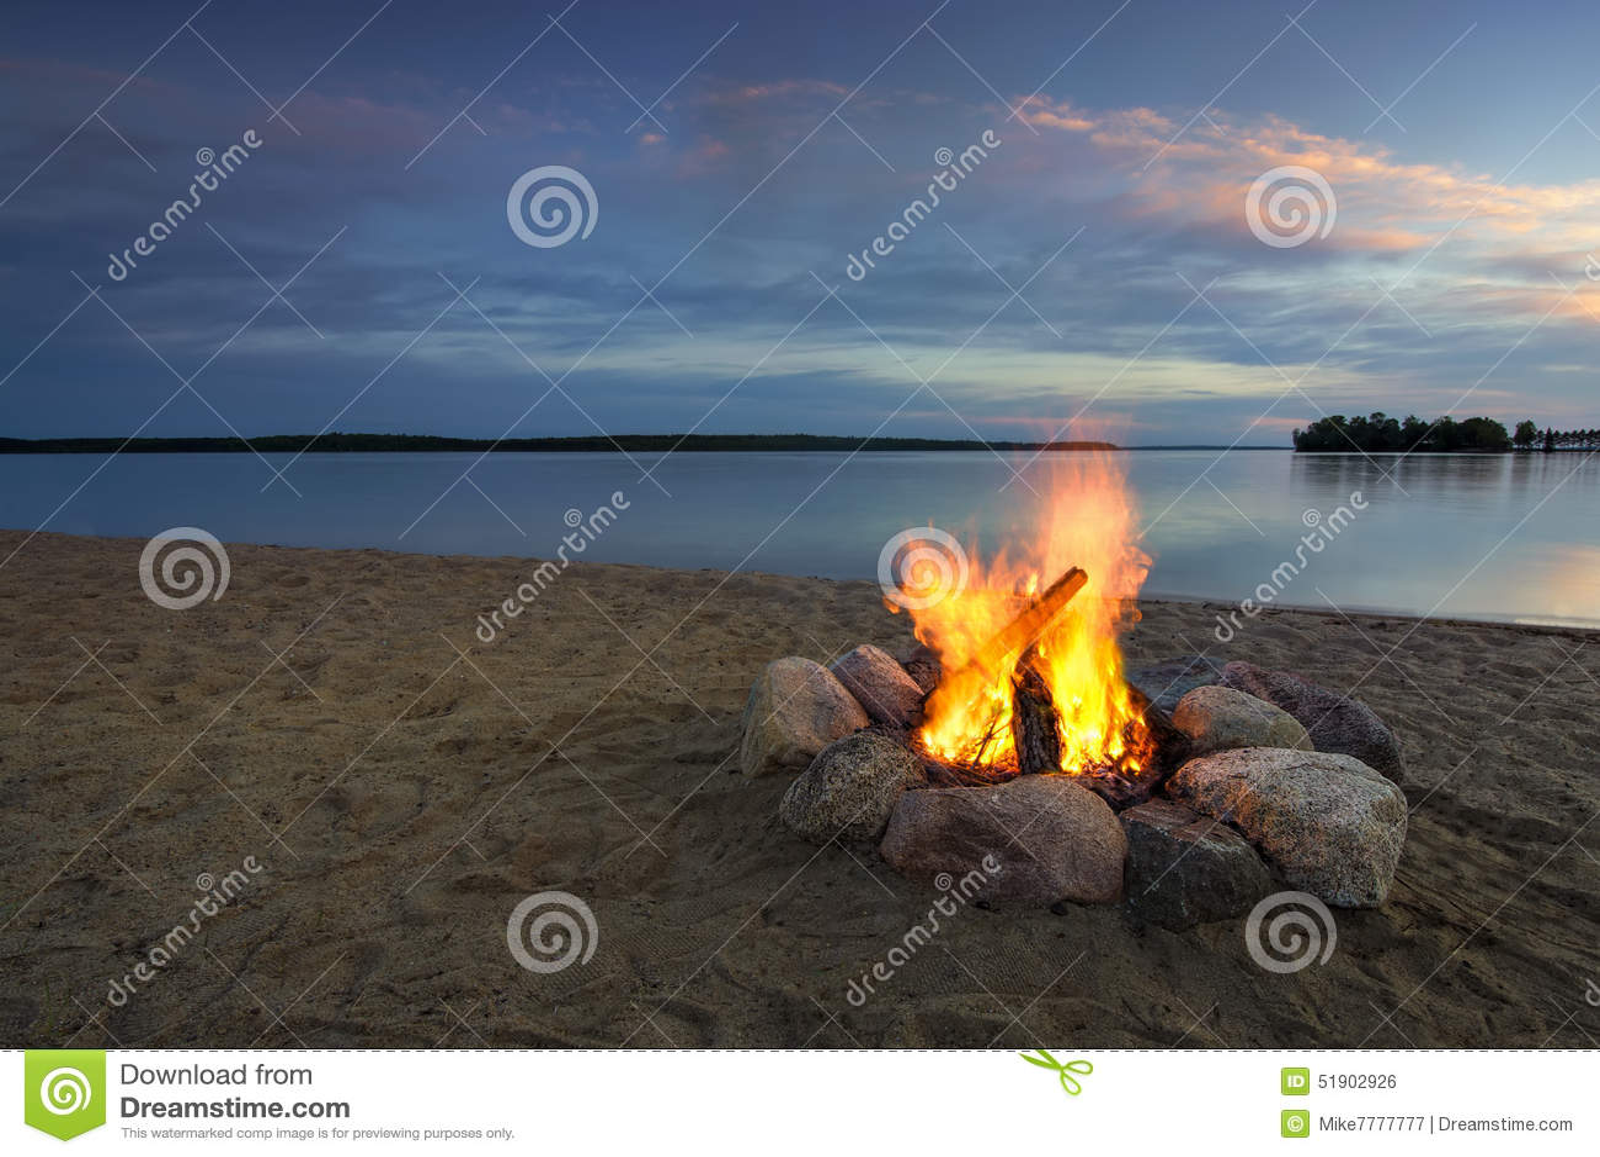 Огонь лагеря на песчаном пляже, около озера на заходе солнца Минесота, США